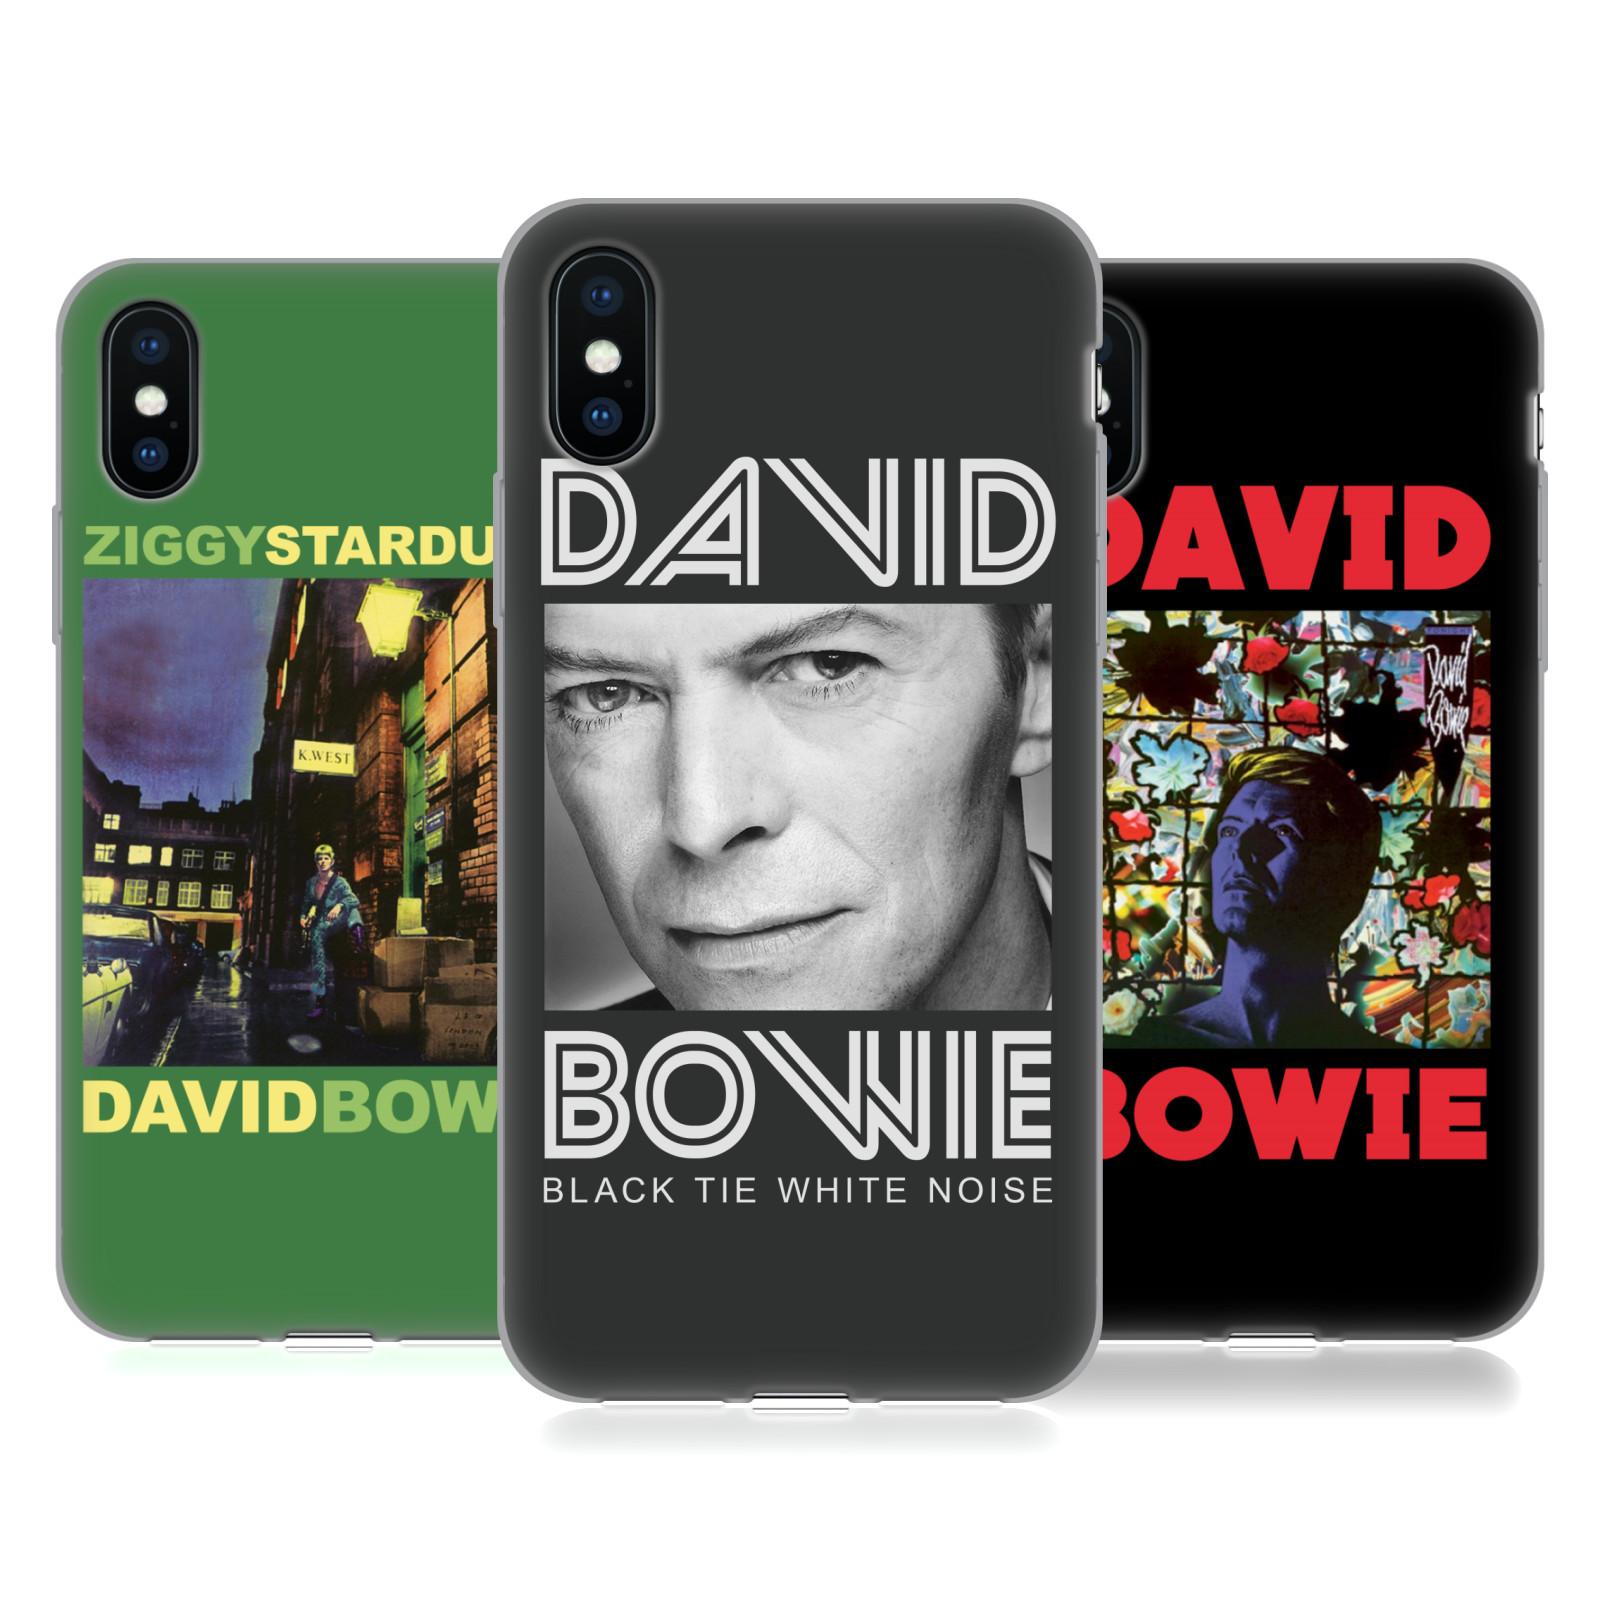 David Bowie <!--translate-lineup-->Album Art<!--translate-lineup-->